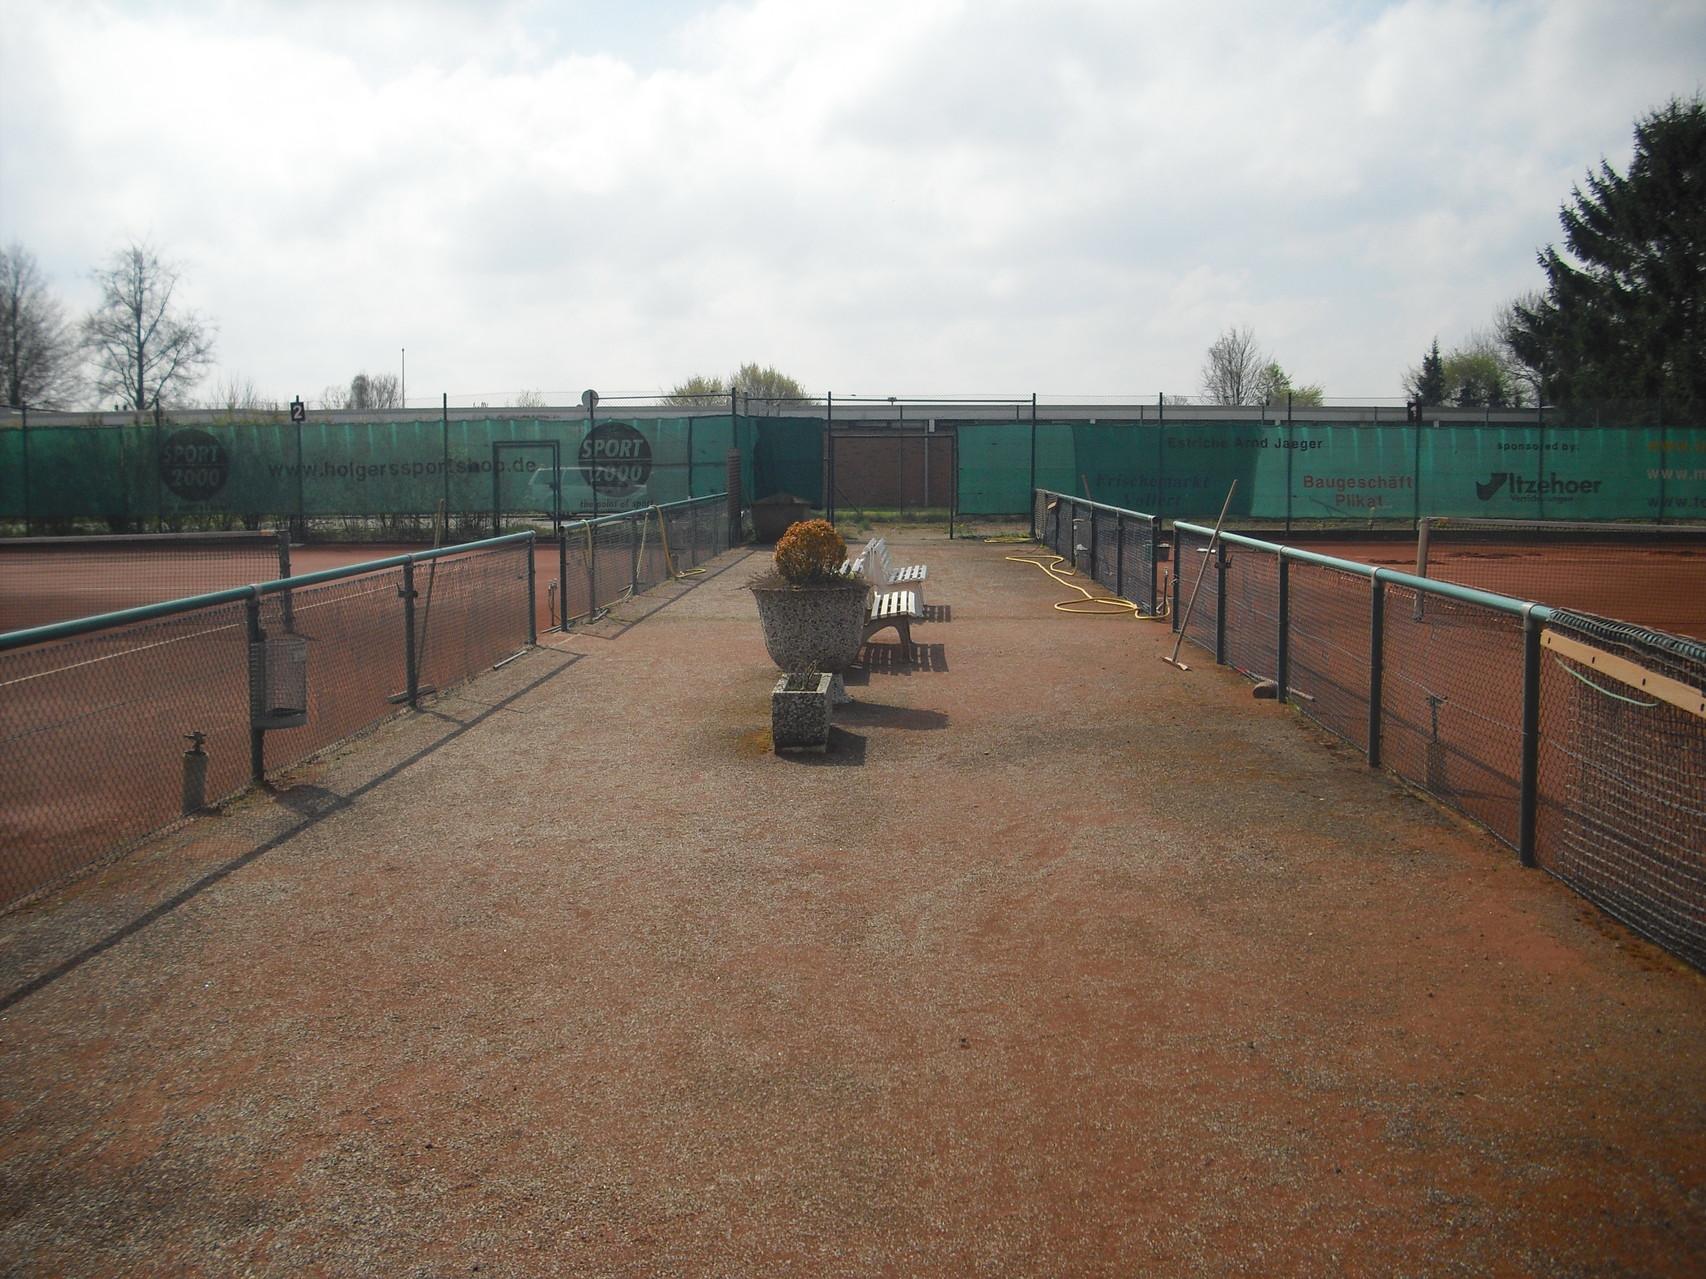 Zwischen den Tennisplätzen